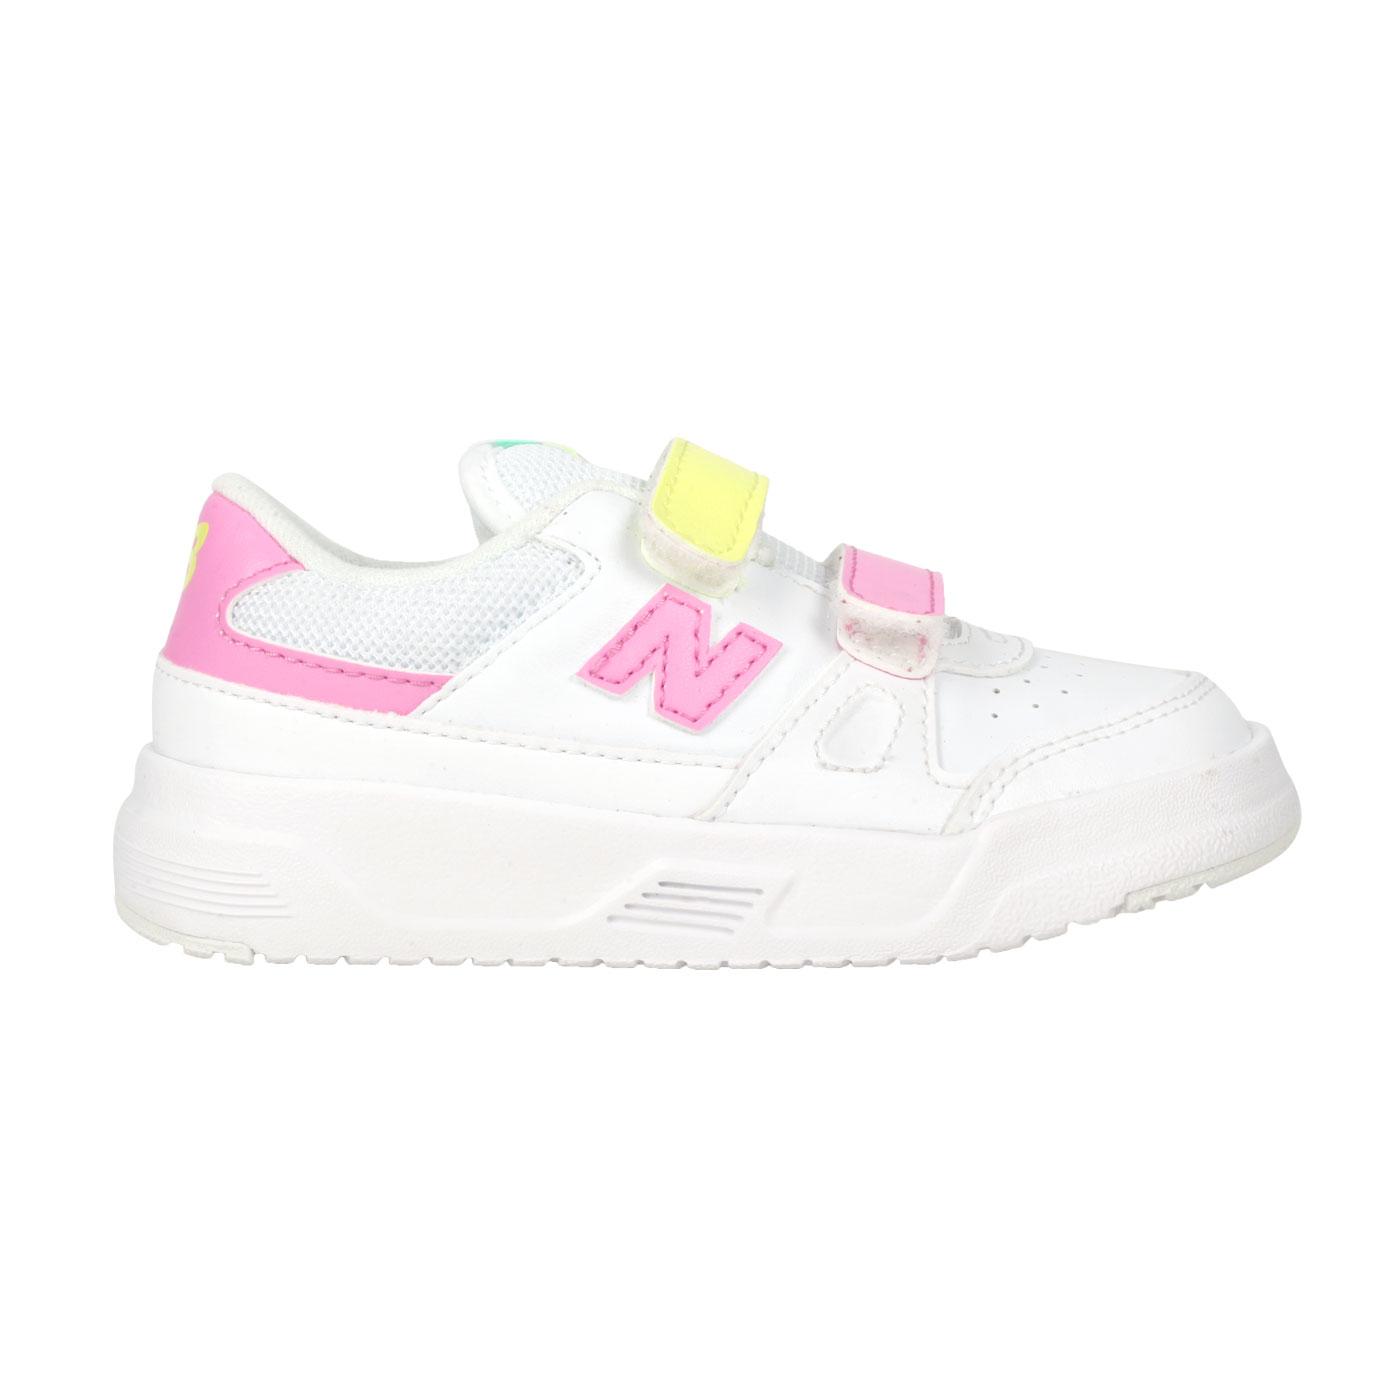 NEW BALANCE 小童運動休閒鞋-WIDE IVCT20WC - 白粉紅黃